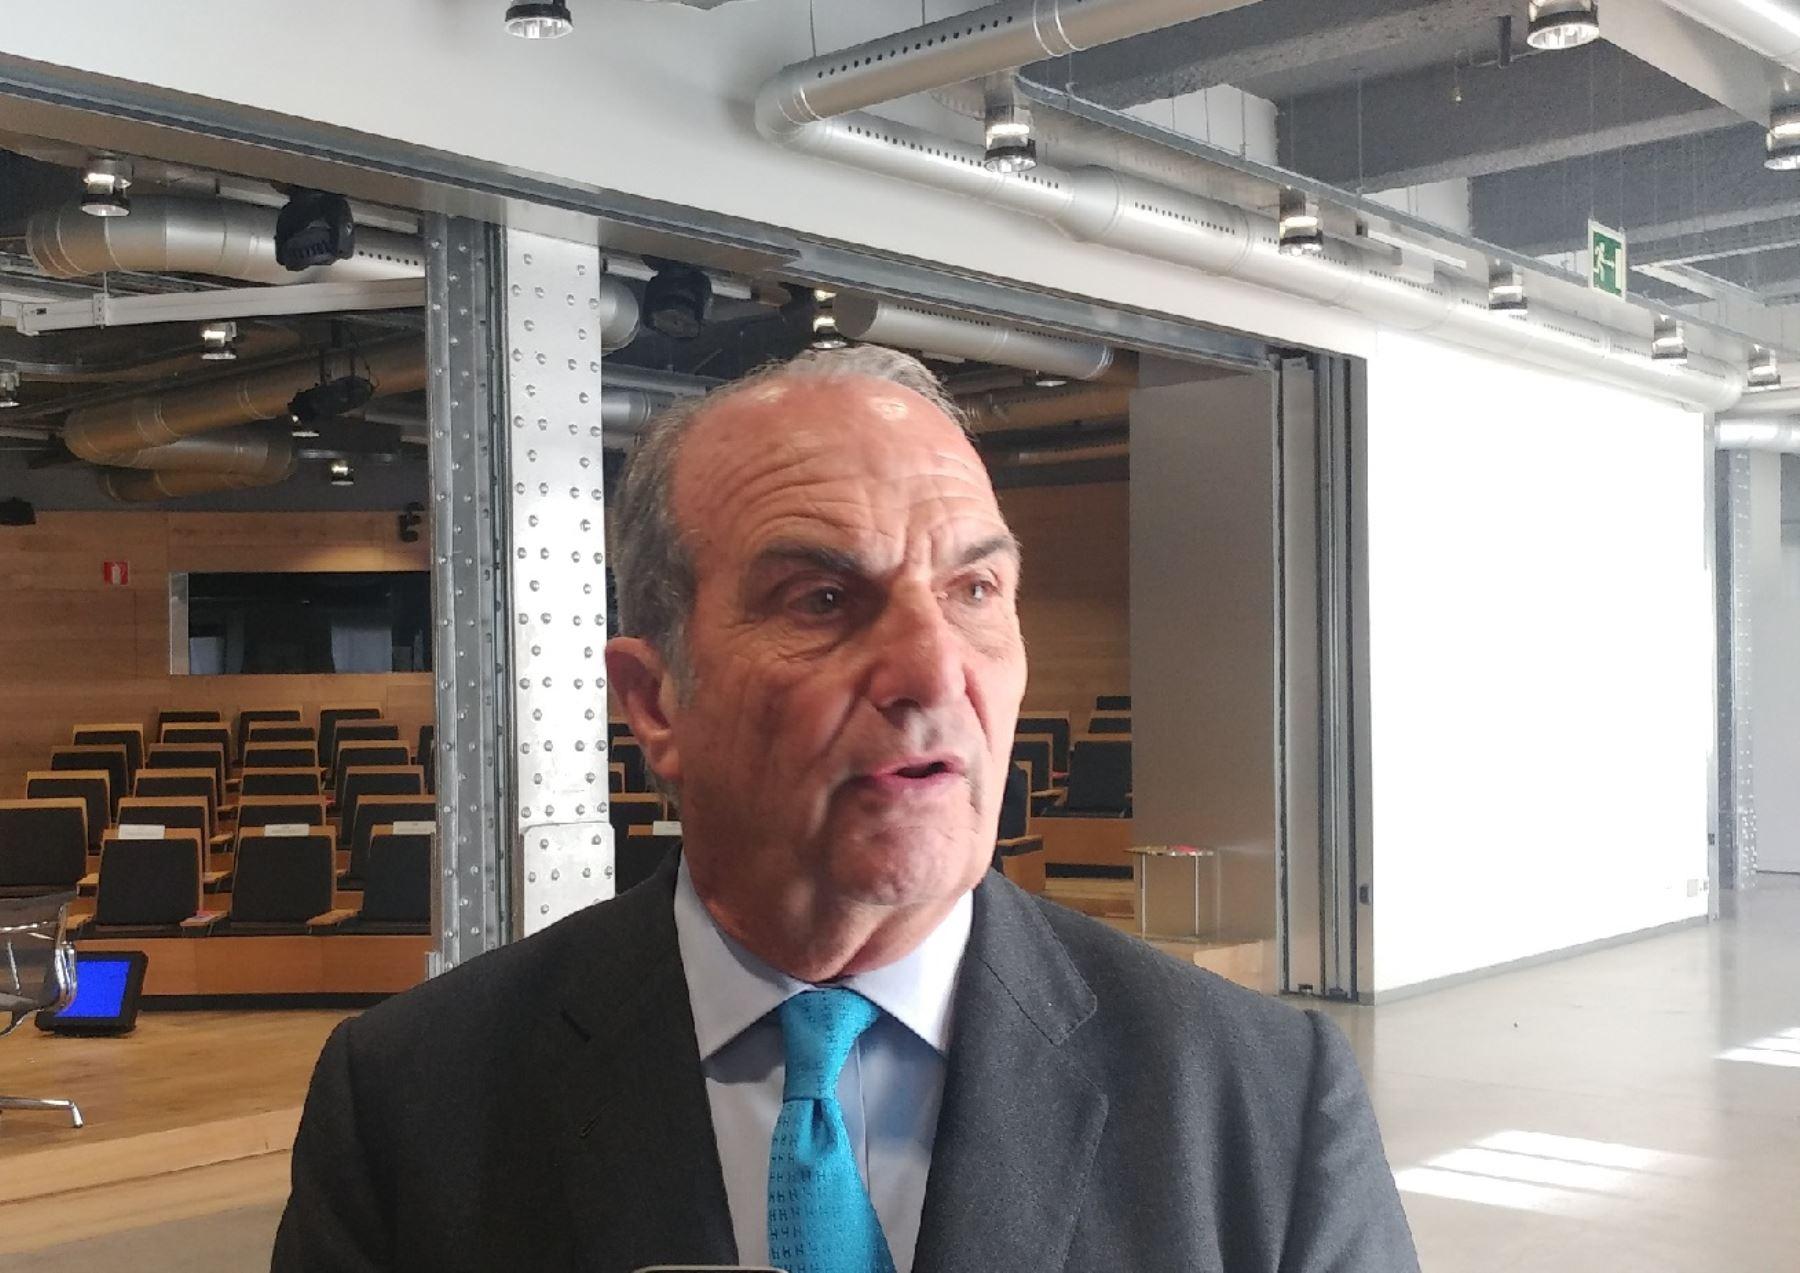 Vicepresidente de la Confederación Española de Organizaciones Empresariales  (CEOE), Joaquín Gay de Montellá, Foto: Andina.